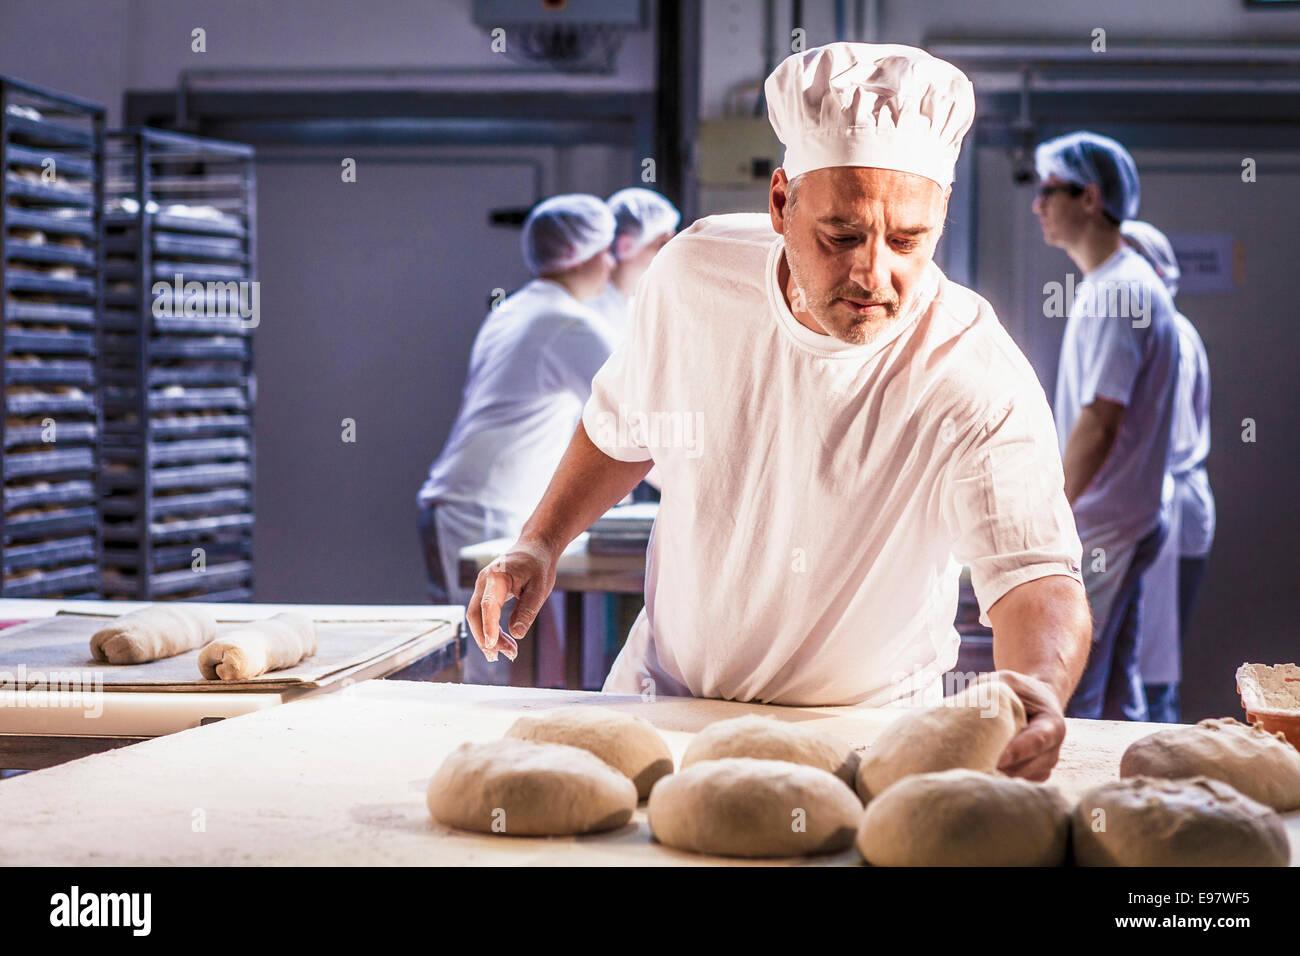 La cuisson du pain, chef contrôlant la pâte Photo Stock